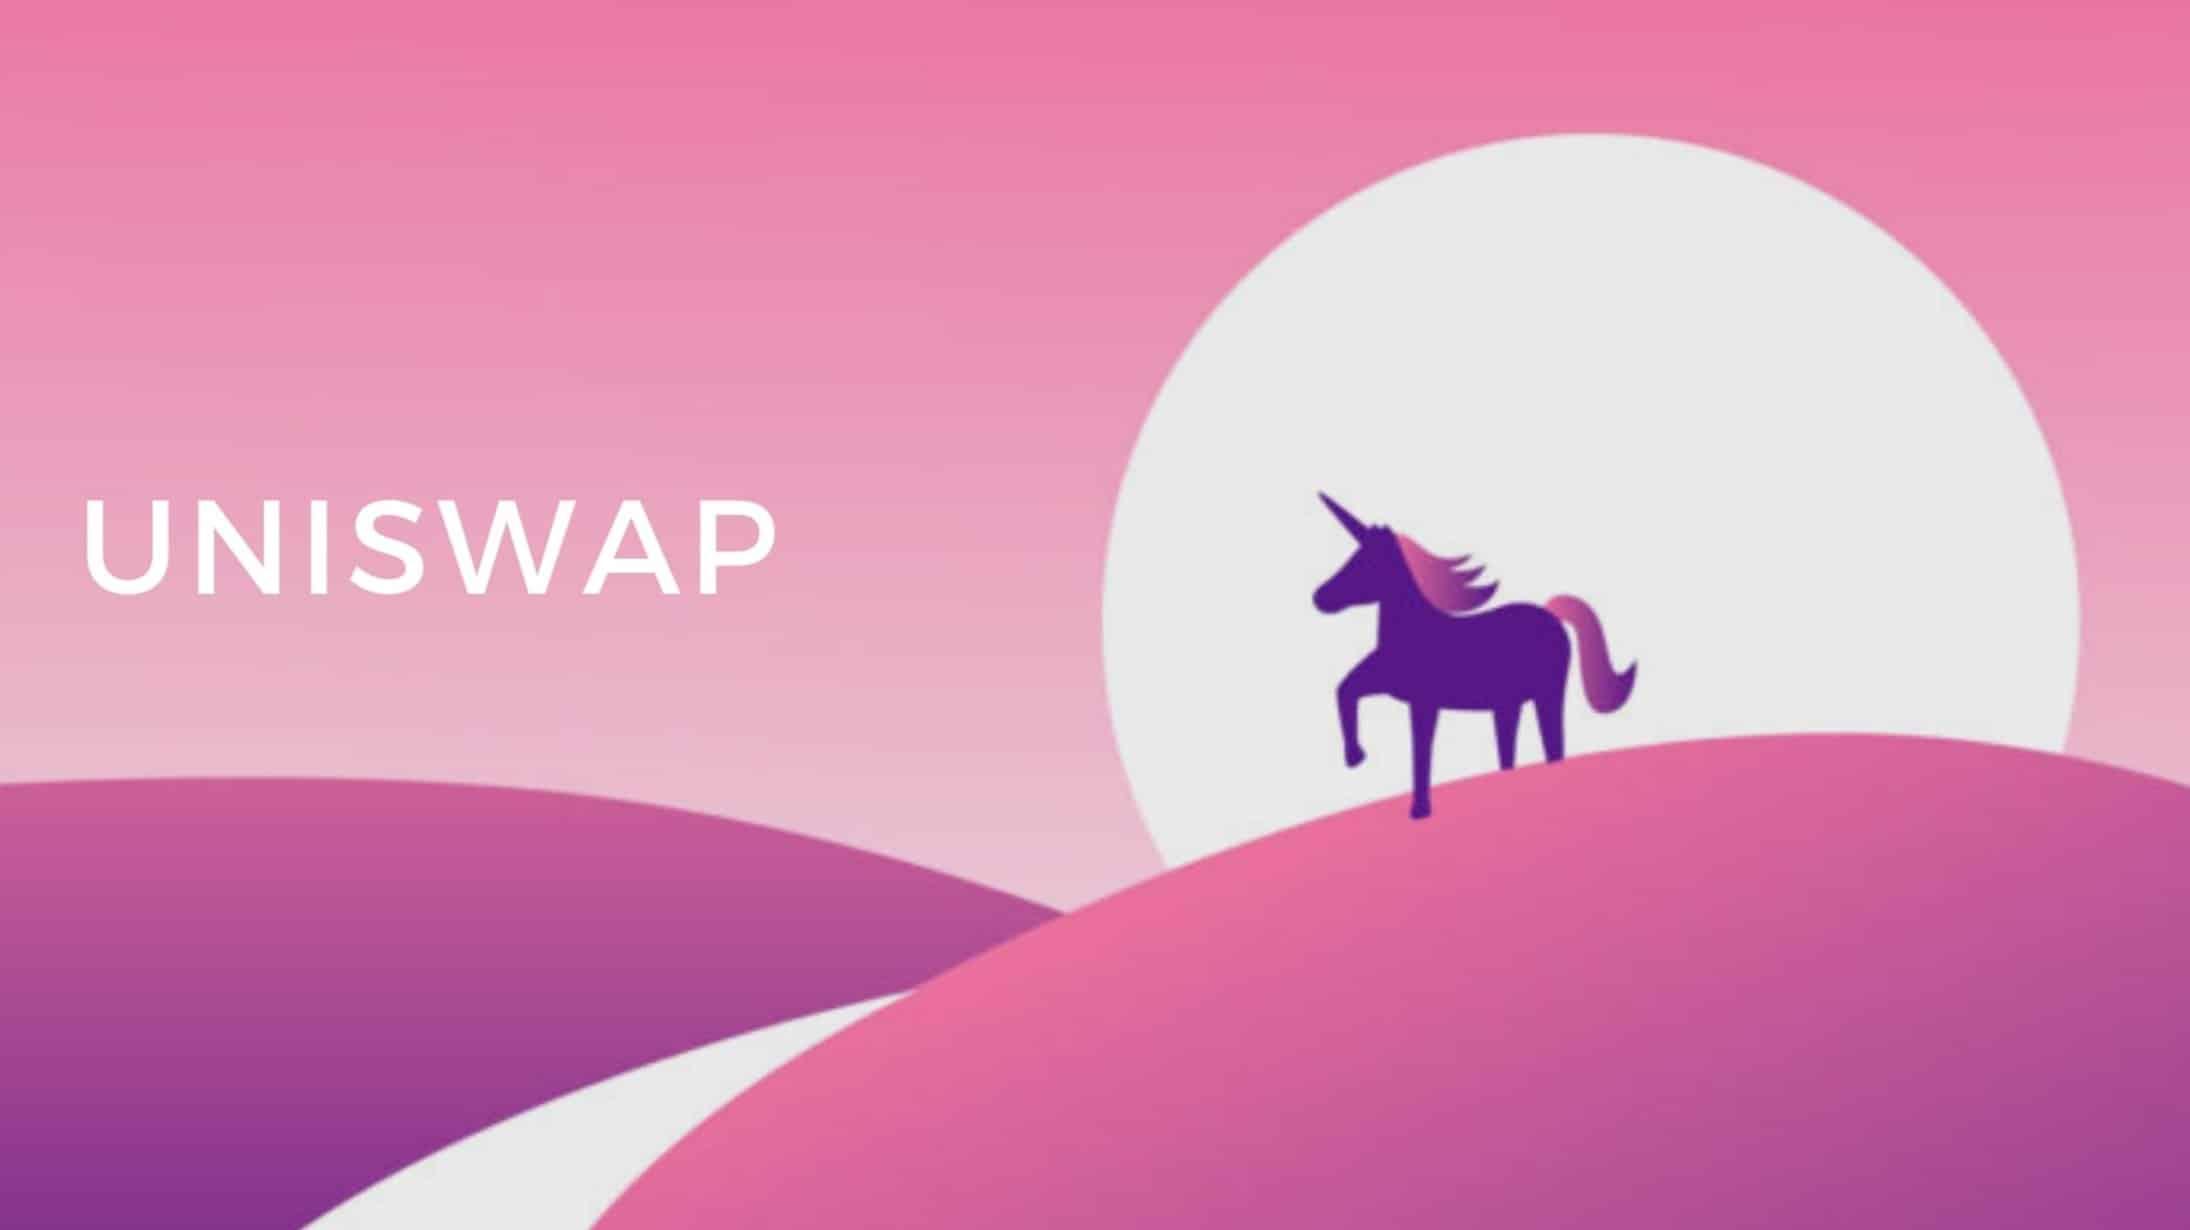 A Uniswap Supera a Maker com o ETH Retido Se Aproximando de 3 Milhões